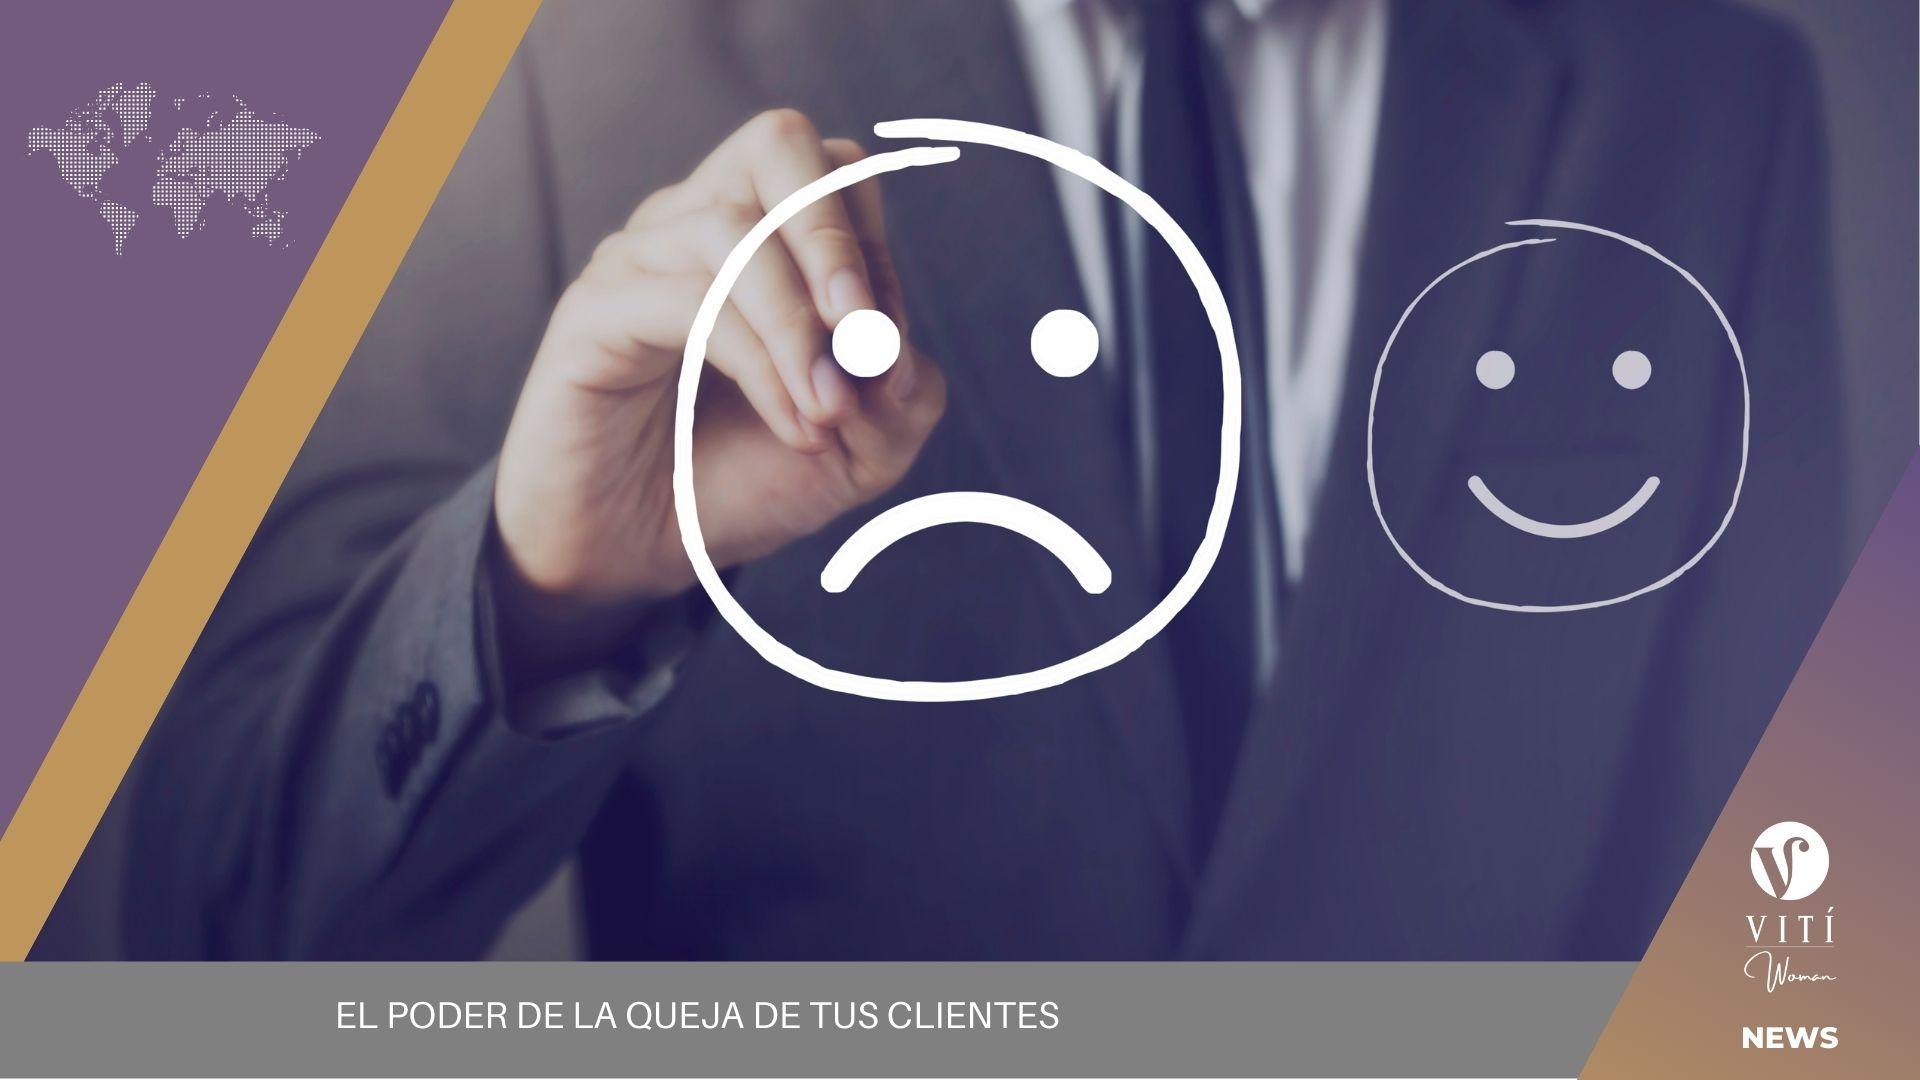 El poder de la queja de tus clientes